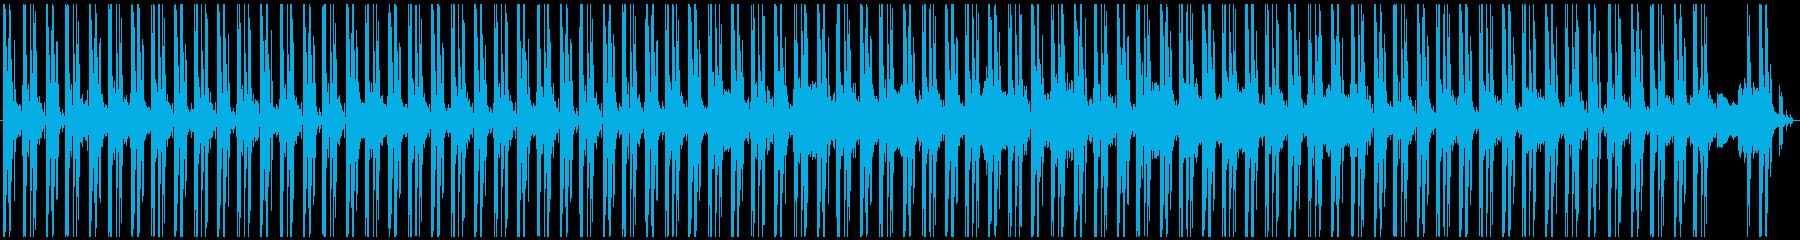 長いピアノのイントロのみ1'30と...の再生済みの波形